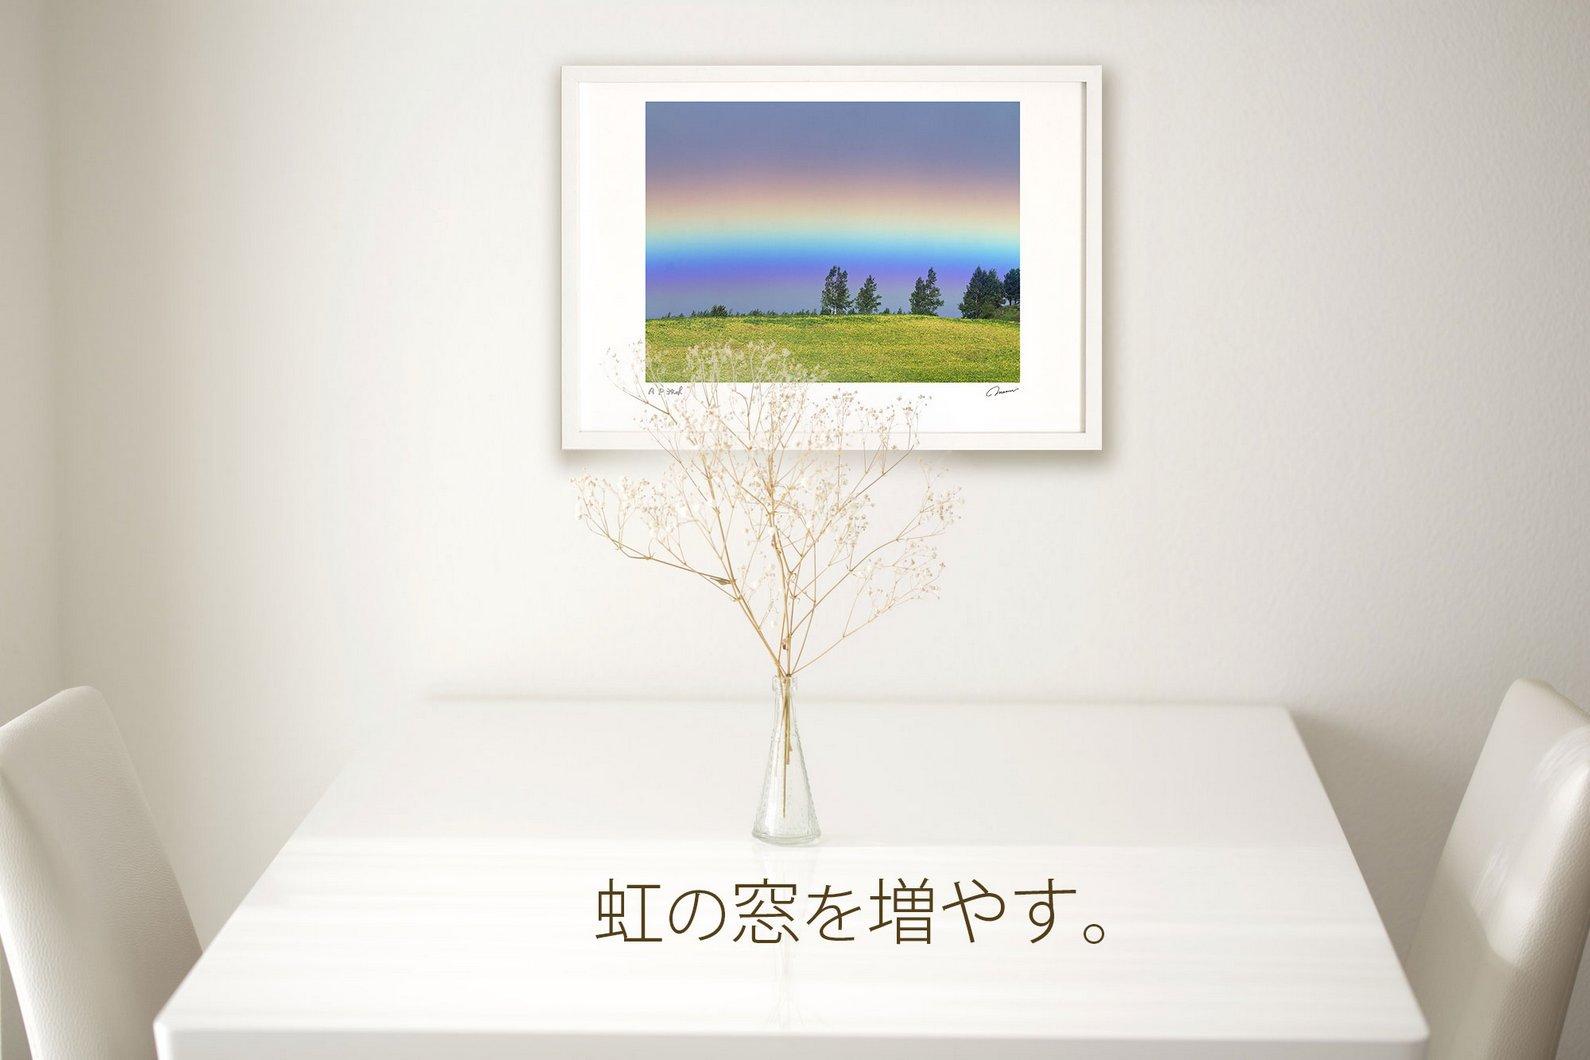 《アートフォト》【ベスト】新緑と桜9/美瑛町〔富良野・高橋真澄〕(レンタル対象)